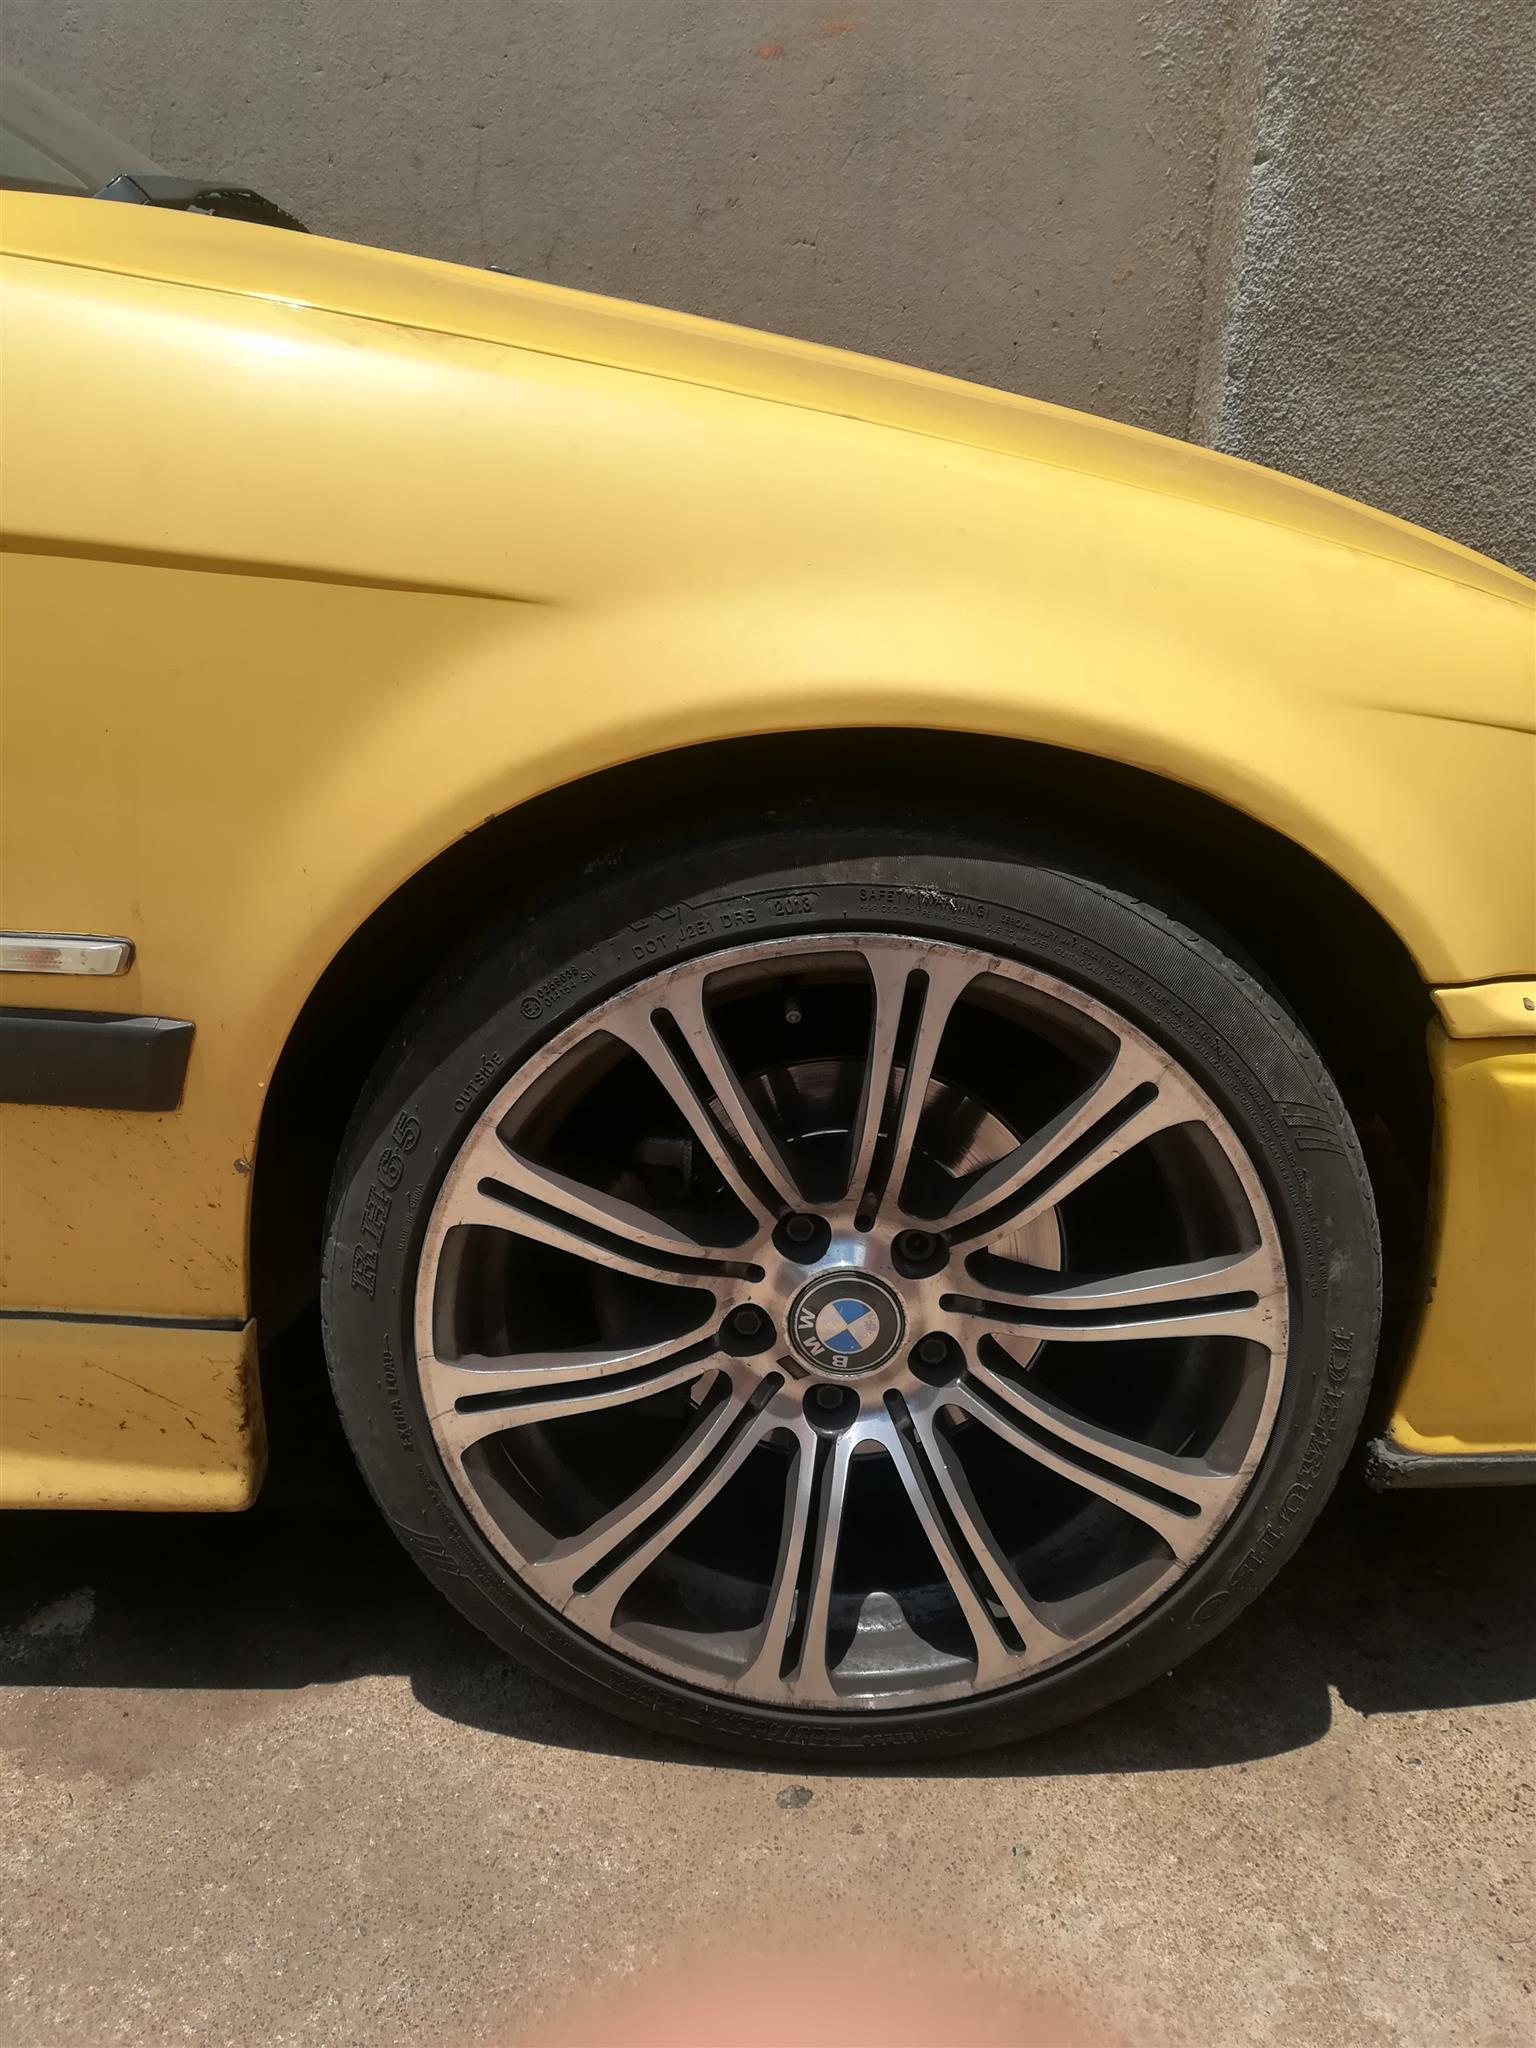 Wheels and Hubs Rims